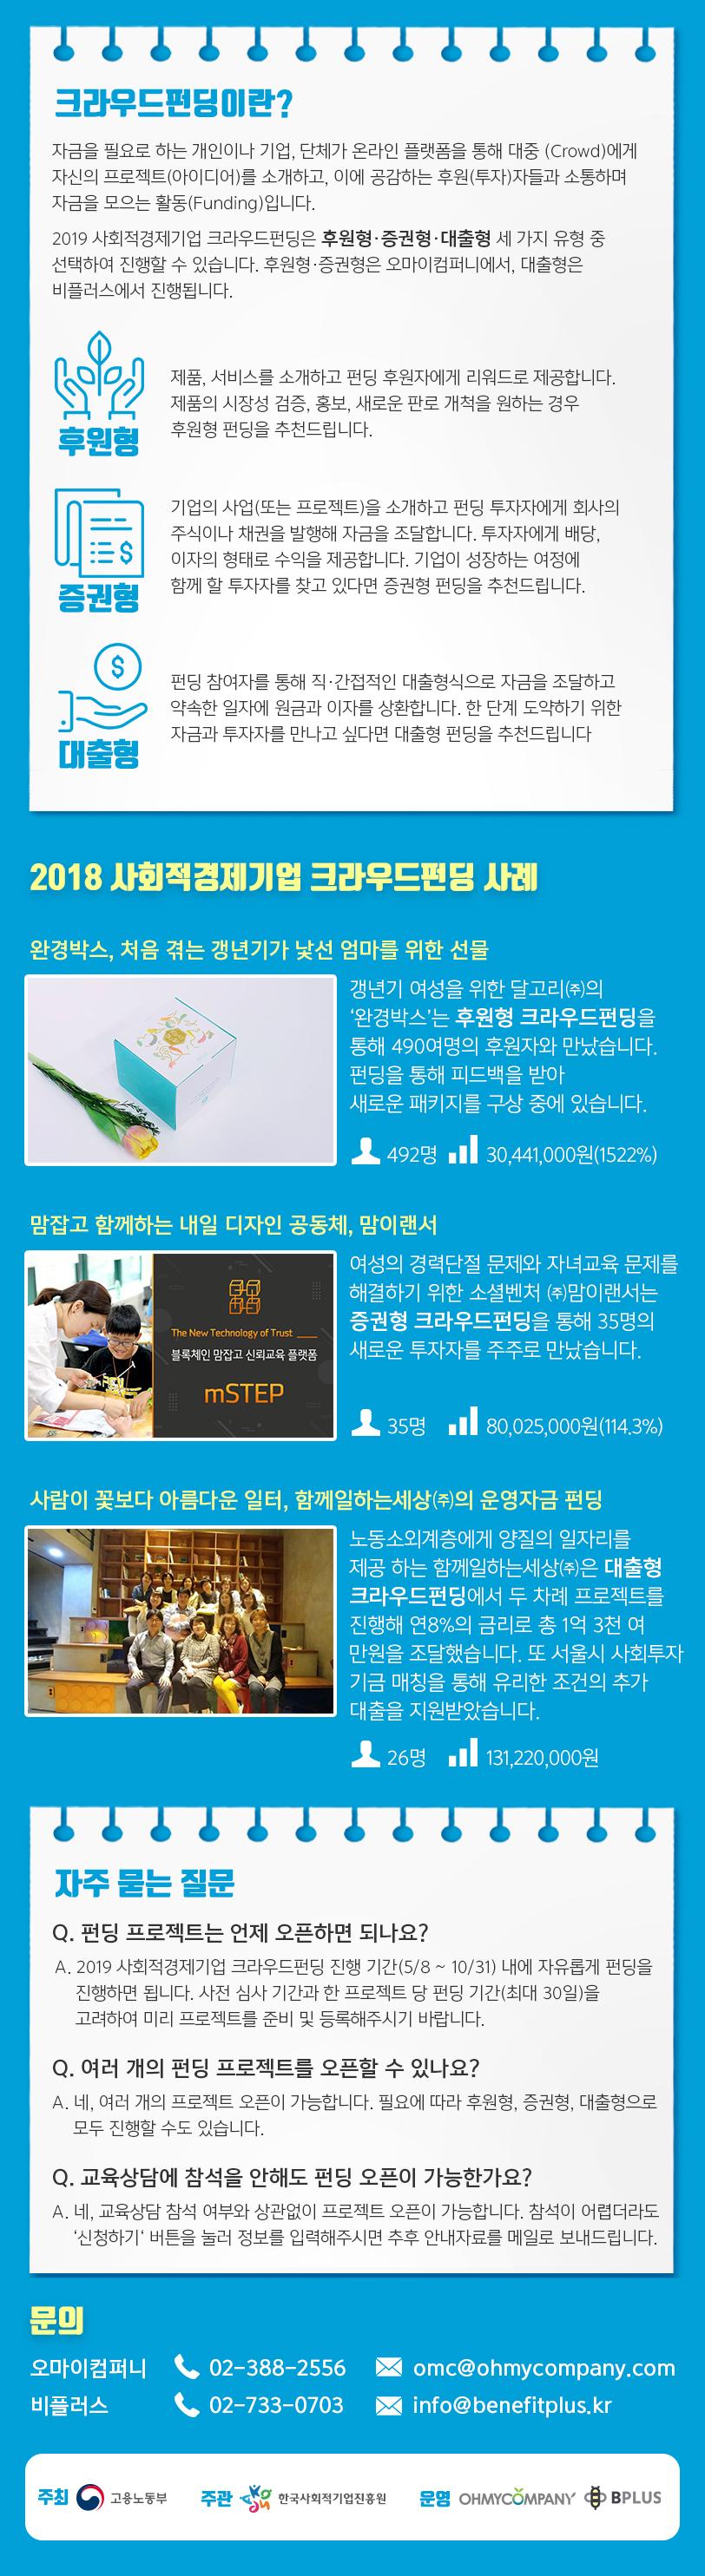 [공지] 한국사회적기업진흥원 | 찾아가는 크라우드펀딩 교육상담회 개최 안내 (강릉 8/29)